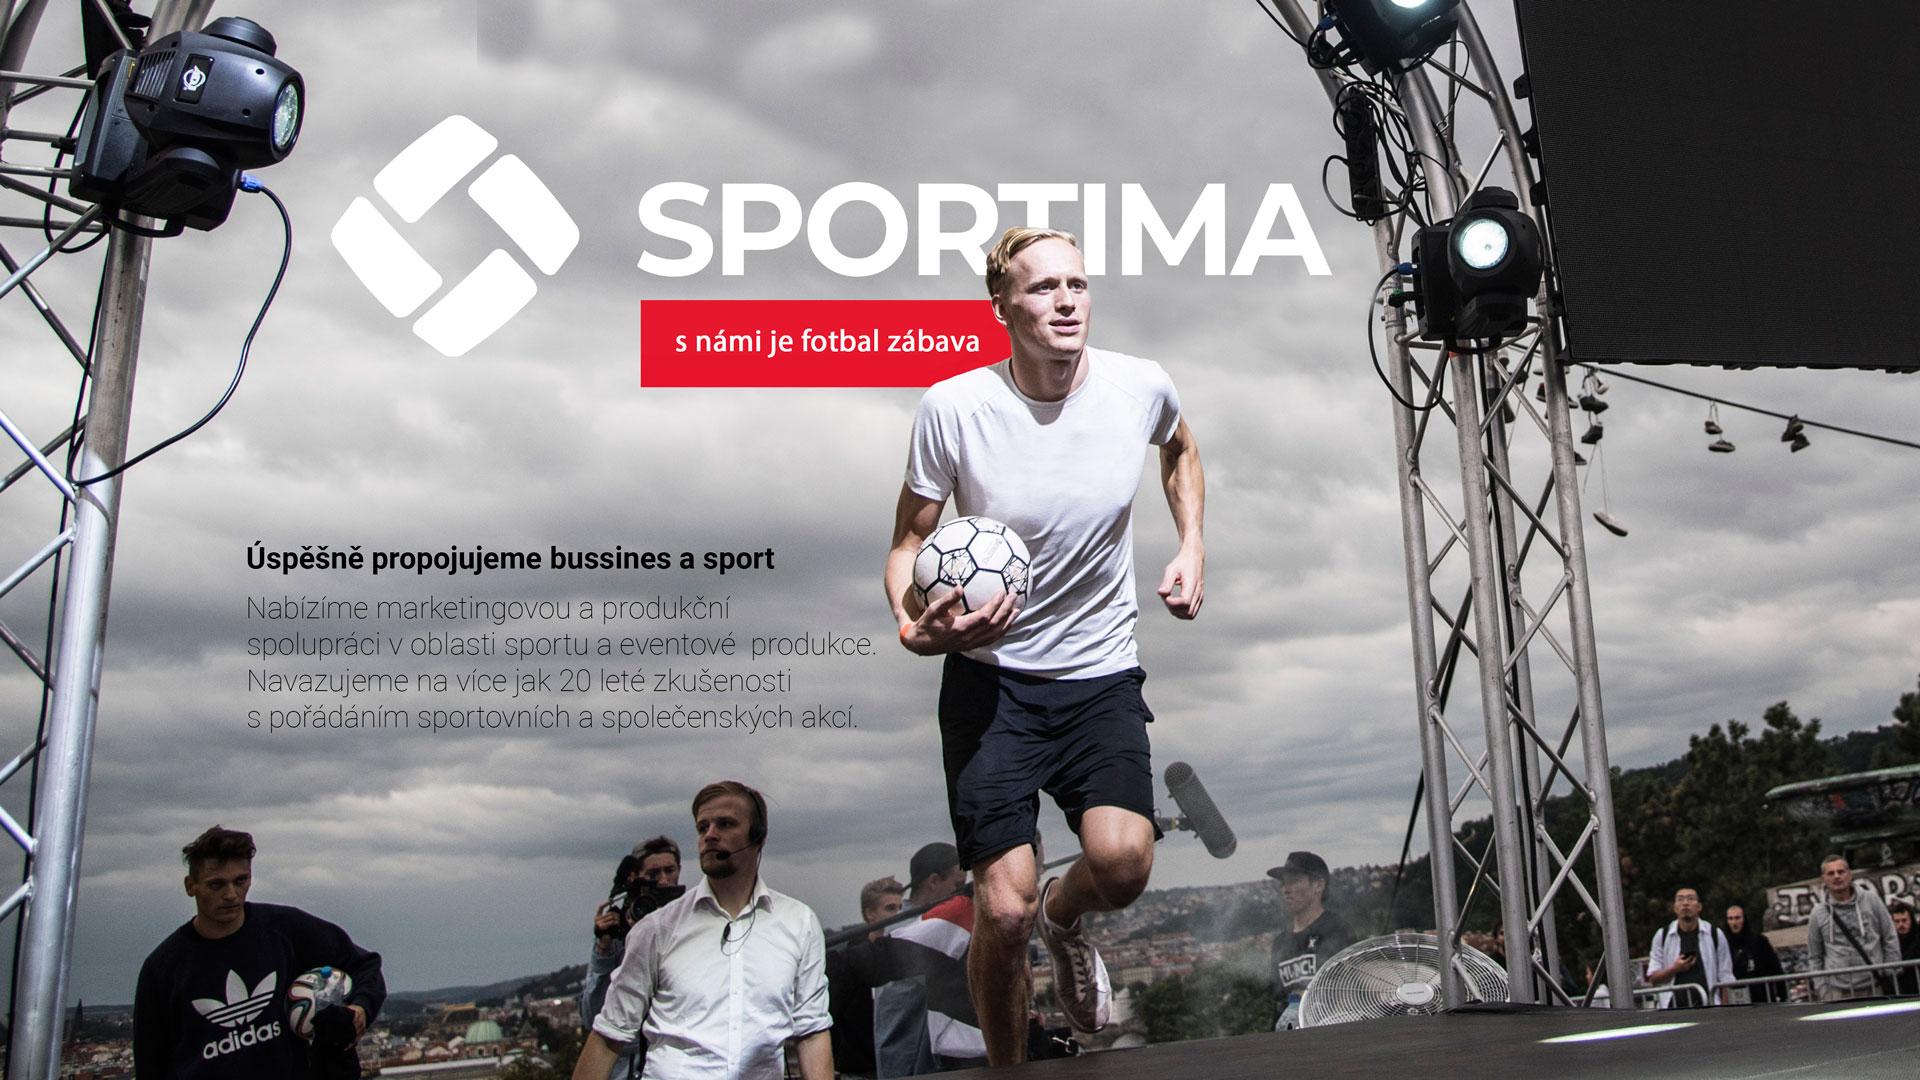 Sportima s.r.o. | Úspěšně propojujeme bussines a sport